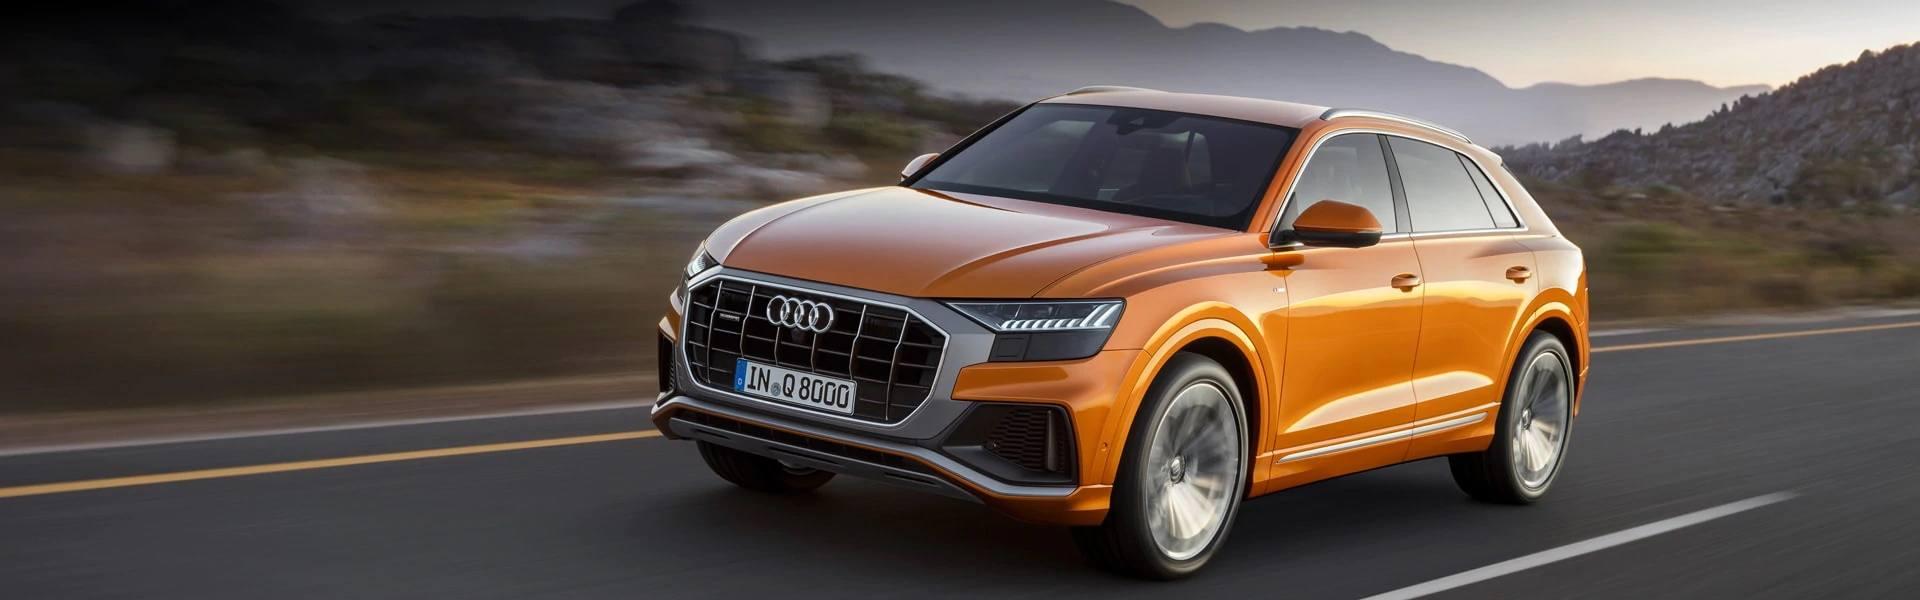 1 - Hero - 2020 Audi Q8